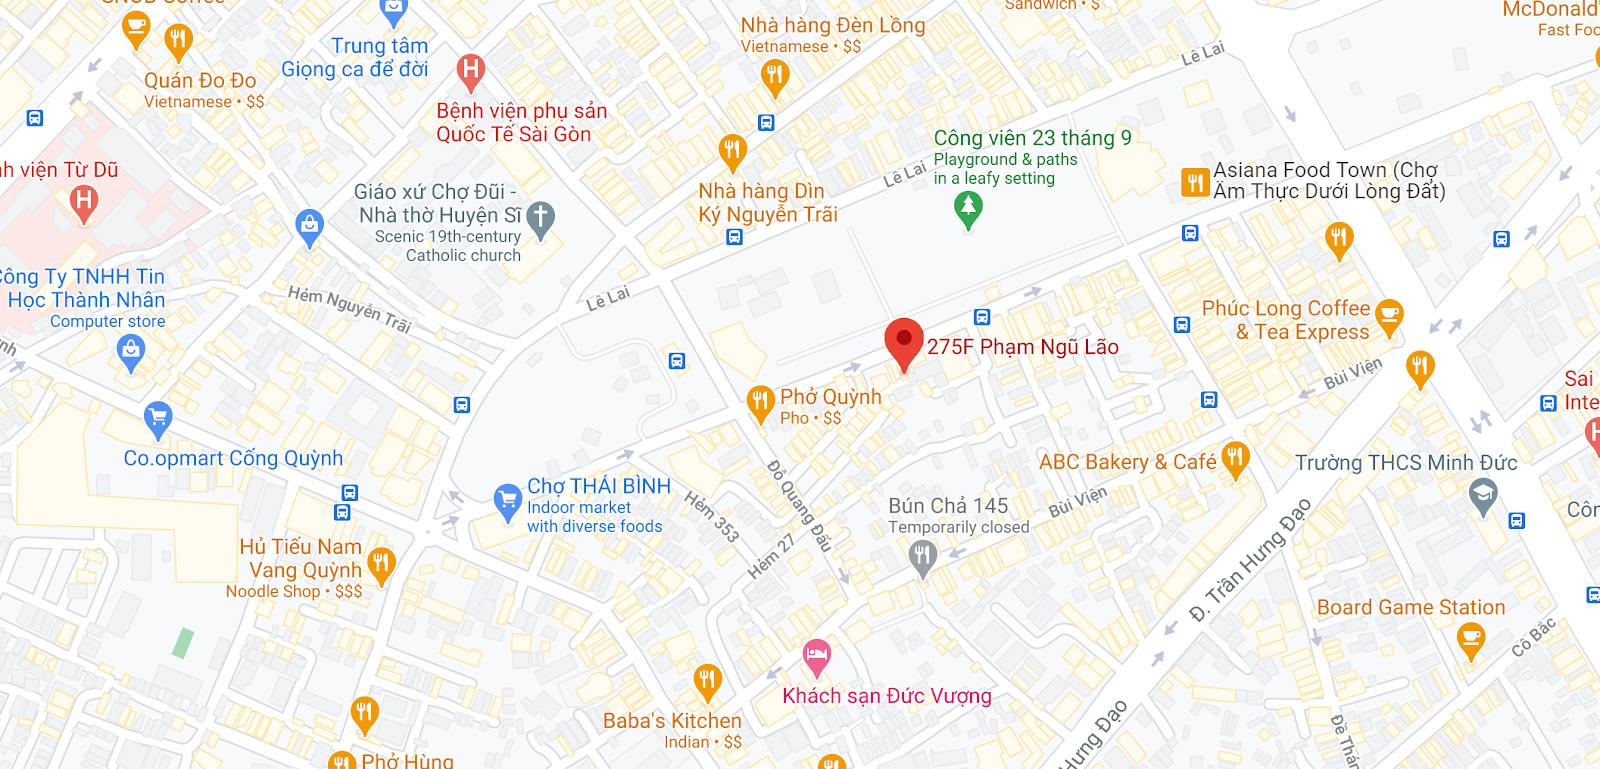 Văn phòng nhà xe Nguyễn Kim tại Sài Gòn